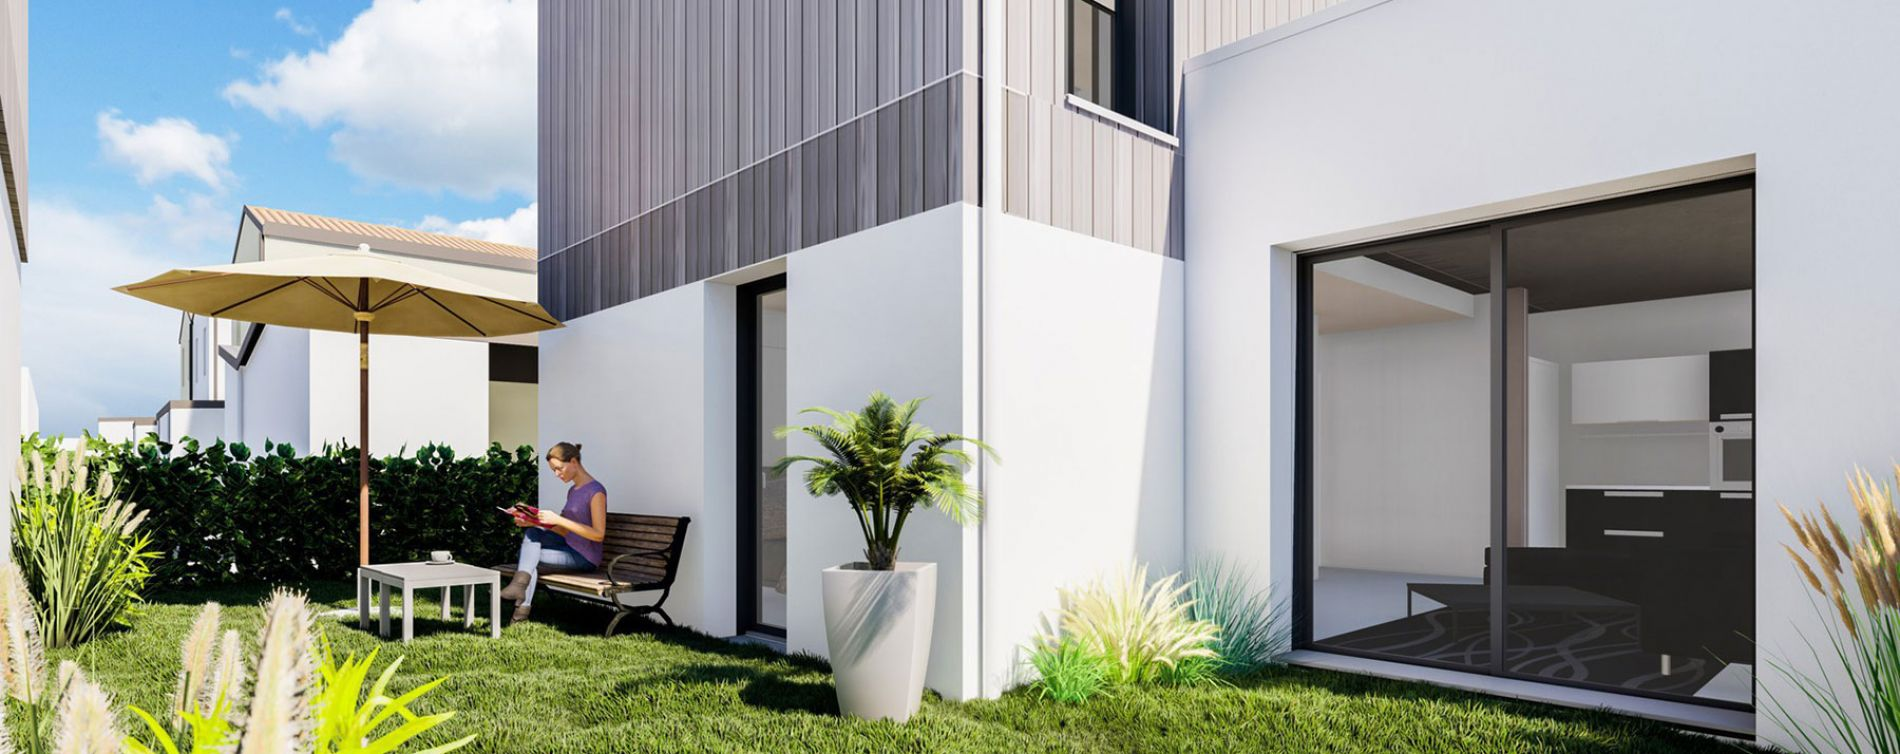 Montaigu : programme immobilier neuve « Les Jardins du Chemin Neuf » (5)